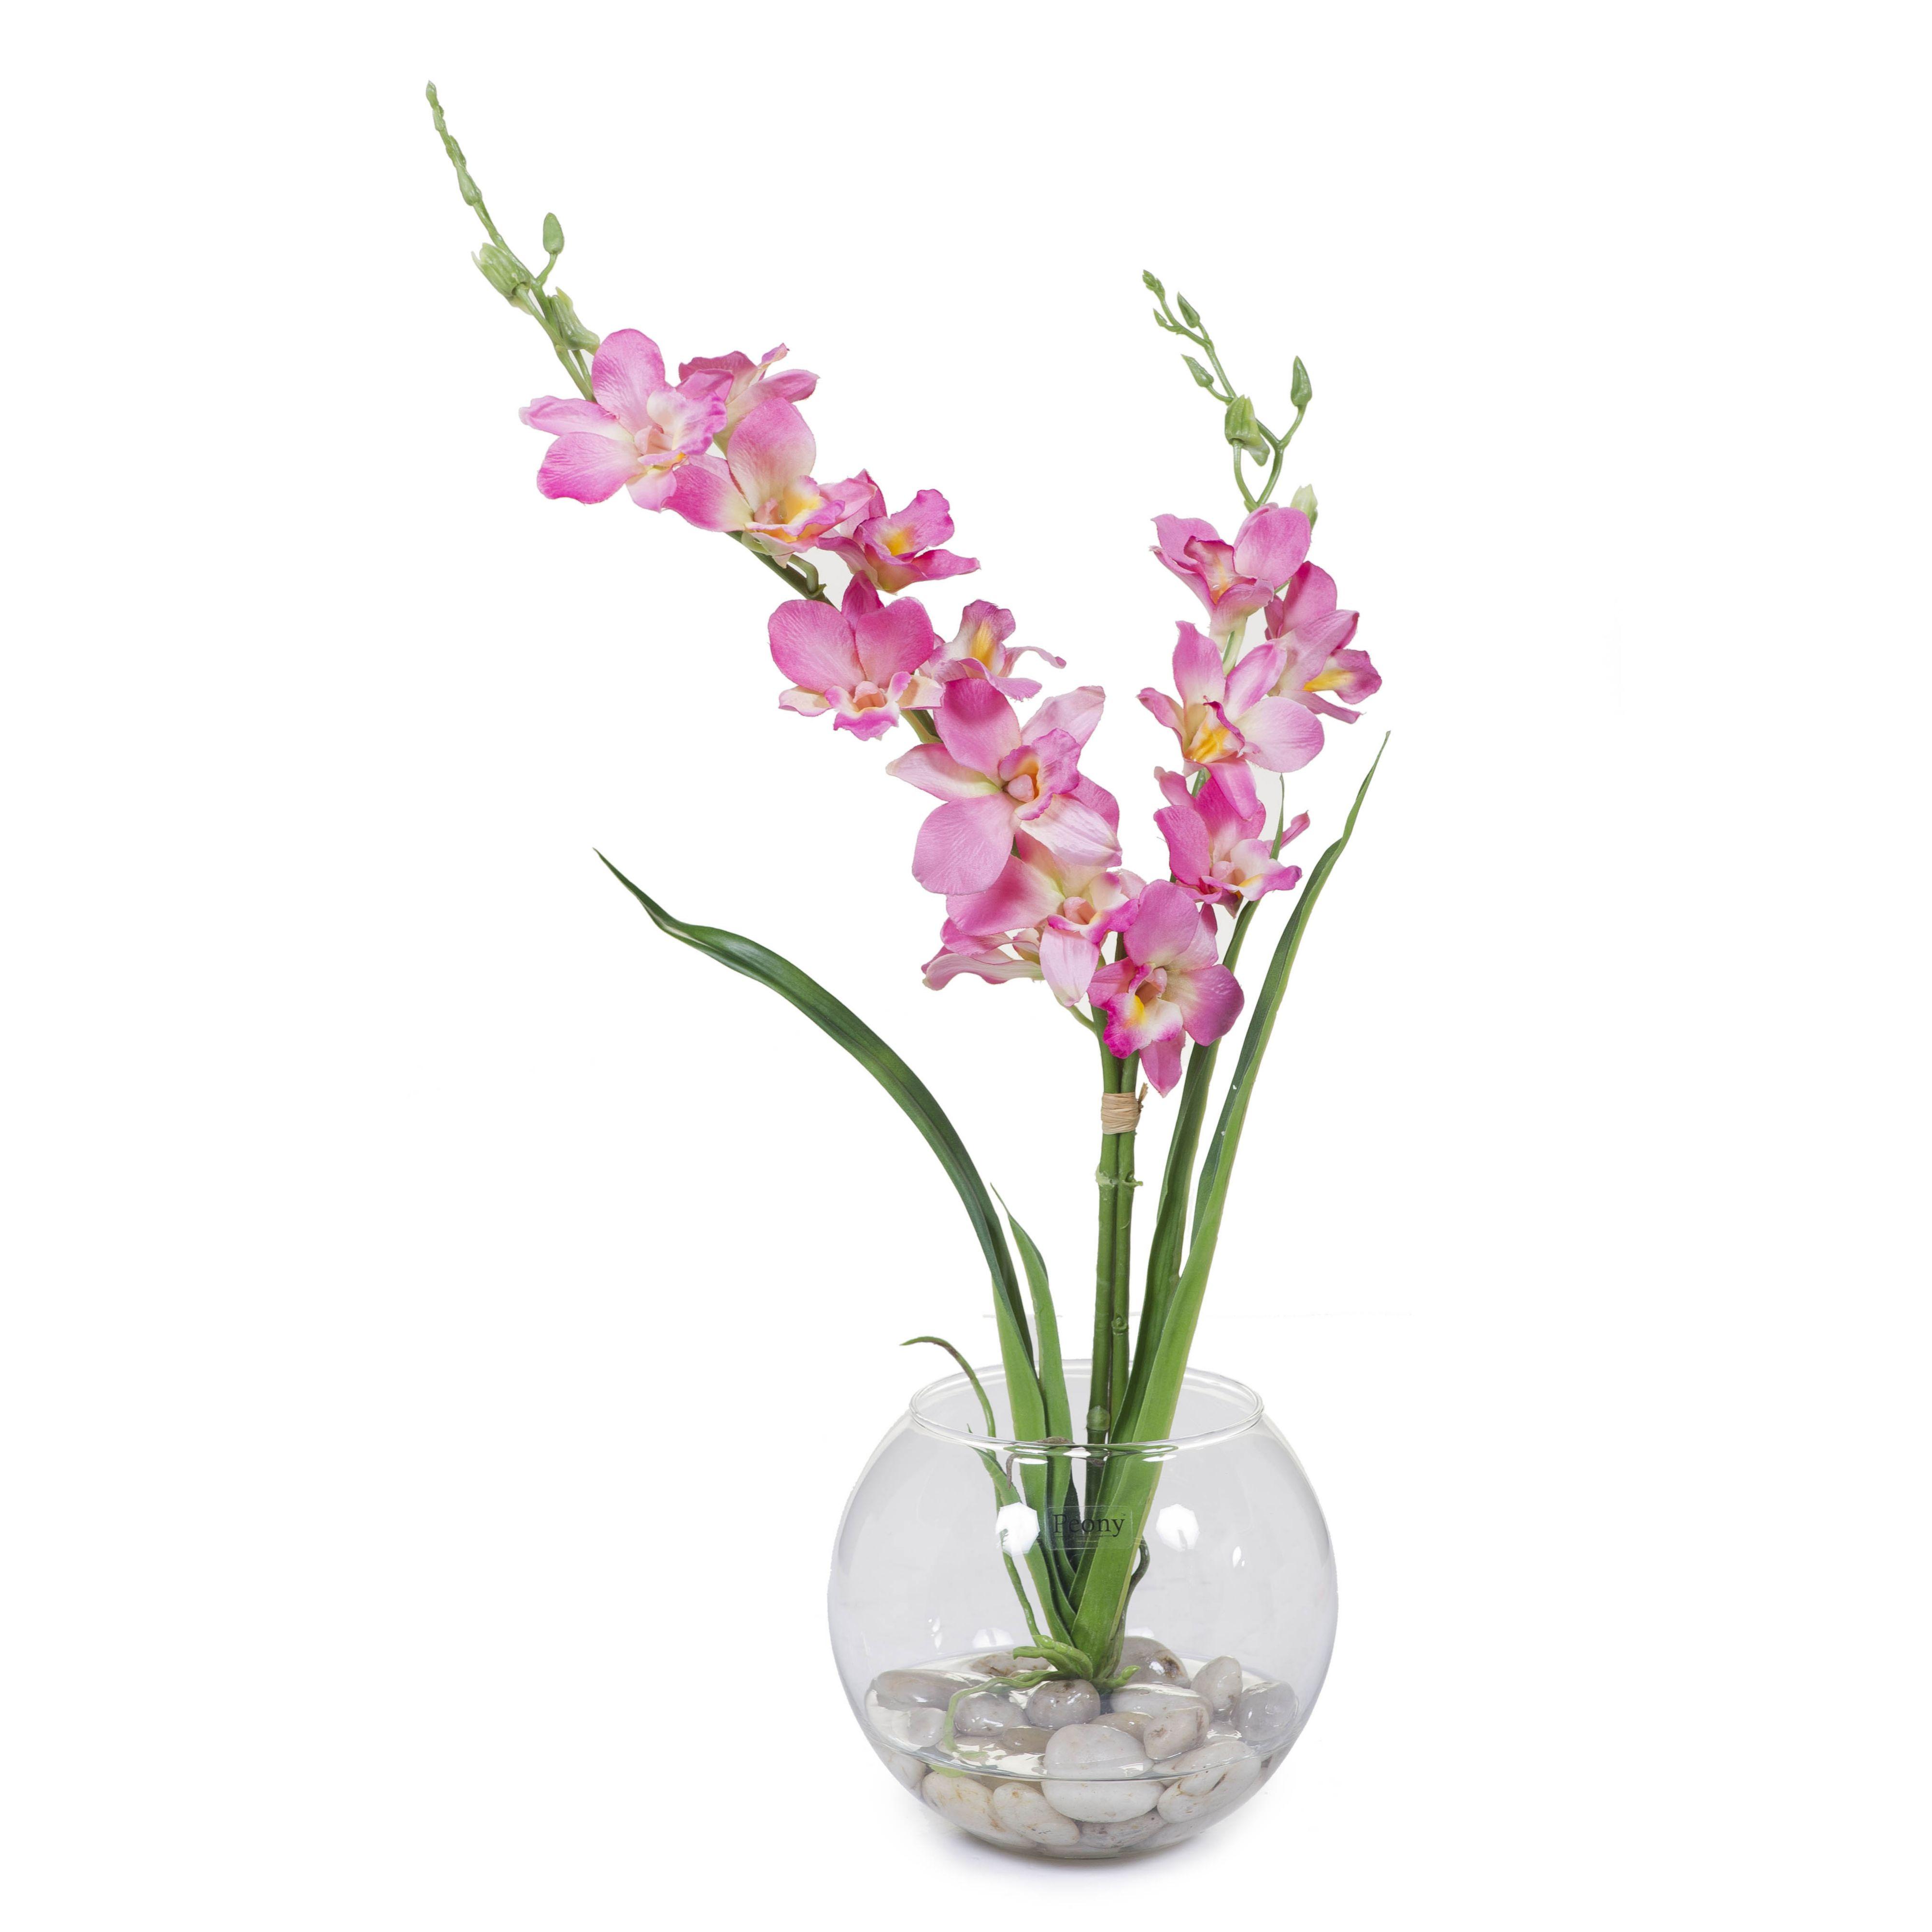 Orchidee bamboo con foglie verdi in vaso tondo con pietre - Vaso in gres per orchidee ...